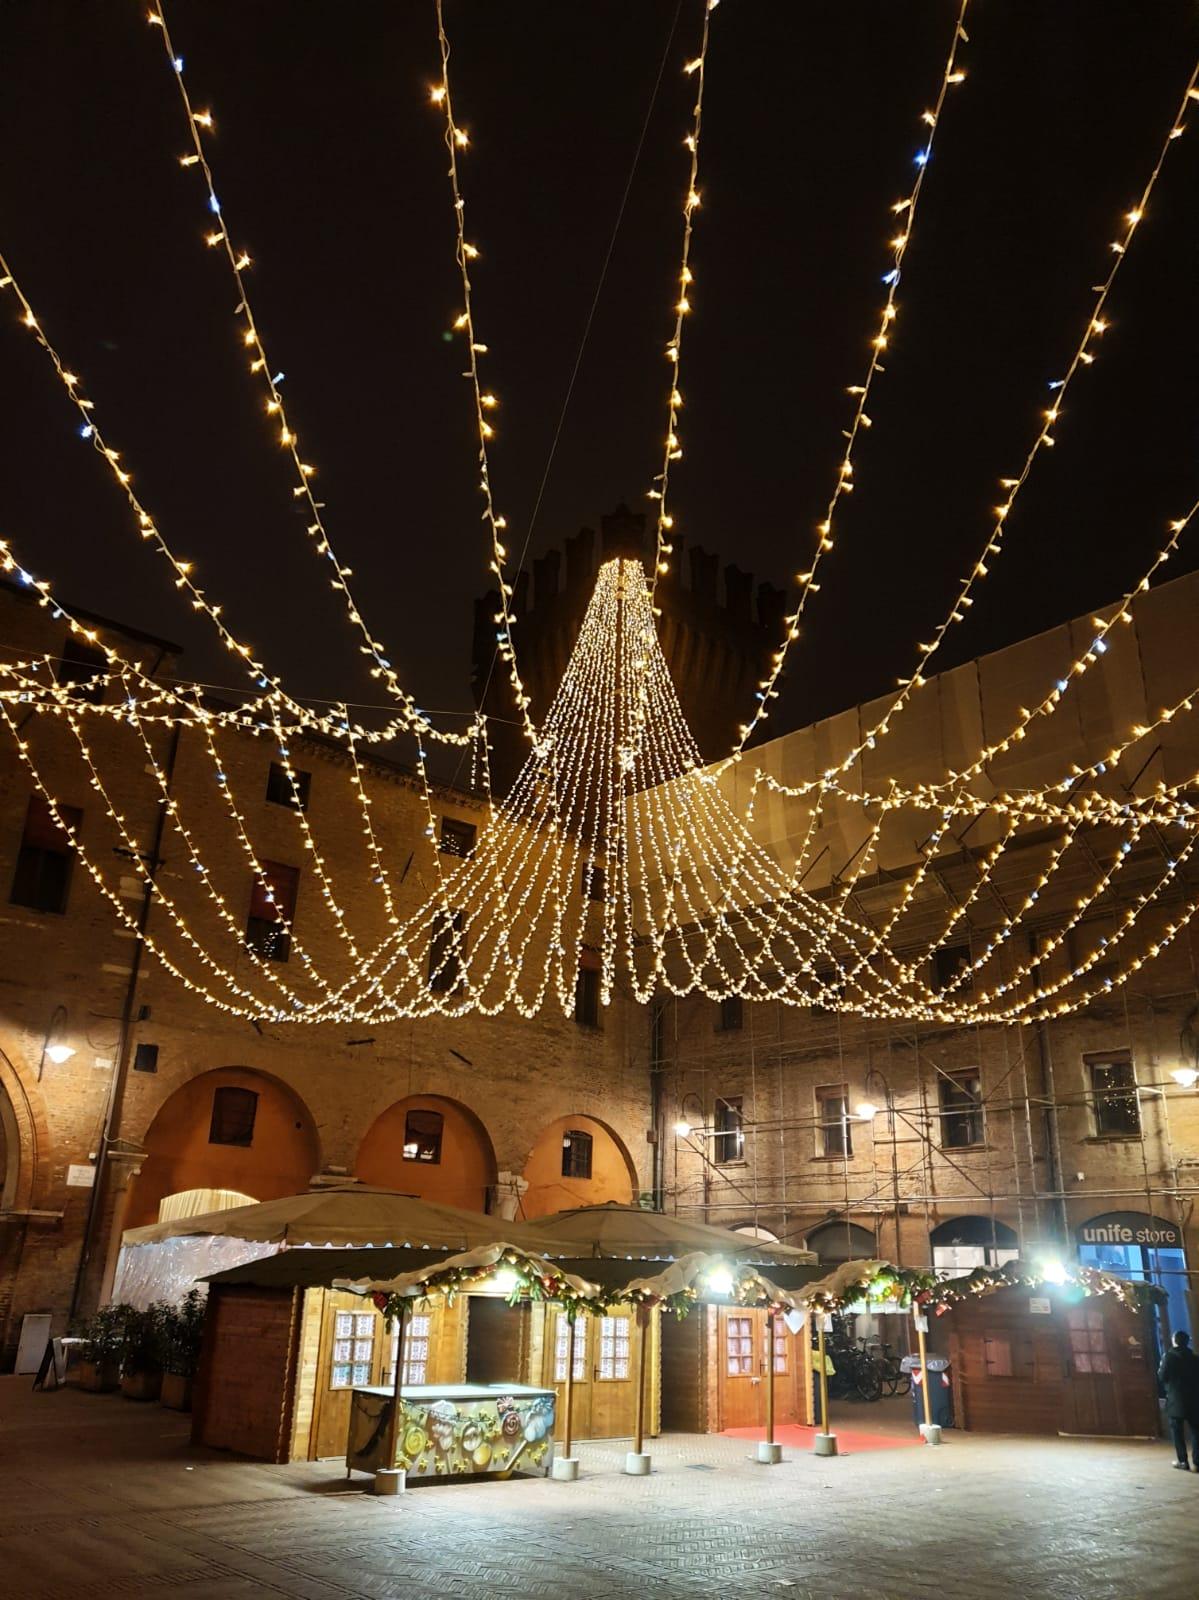 Visitare La Casa Di Babbo Natale.Il Paese Di Babbo Natale Ferrara Terra E Acqua